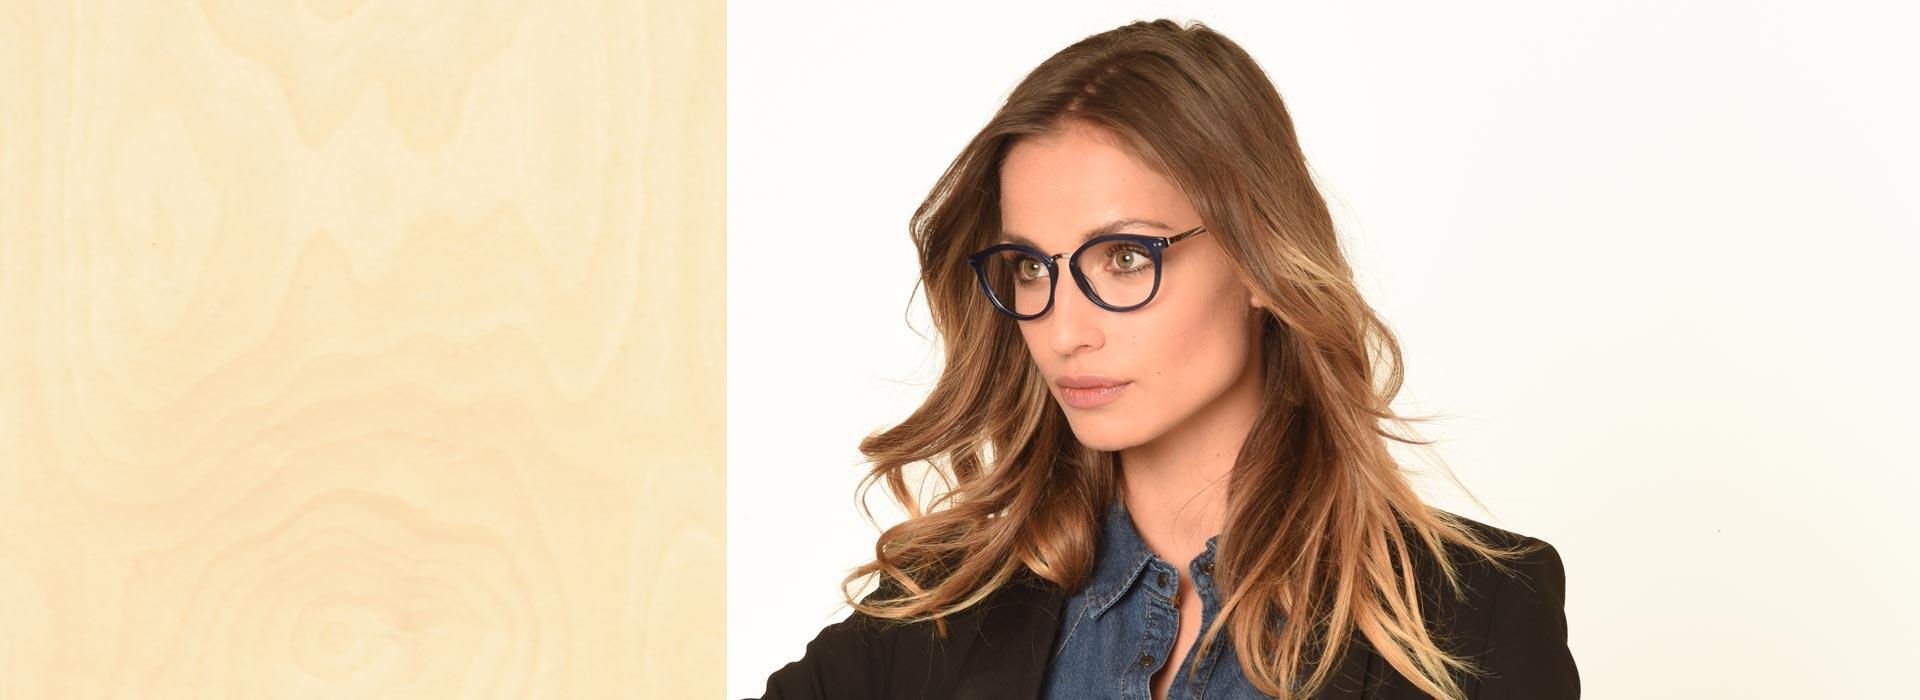 lunettes femme lapo